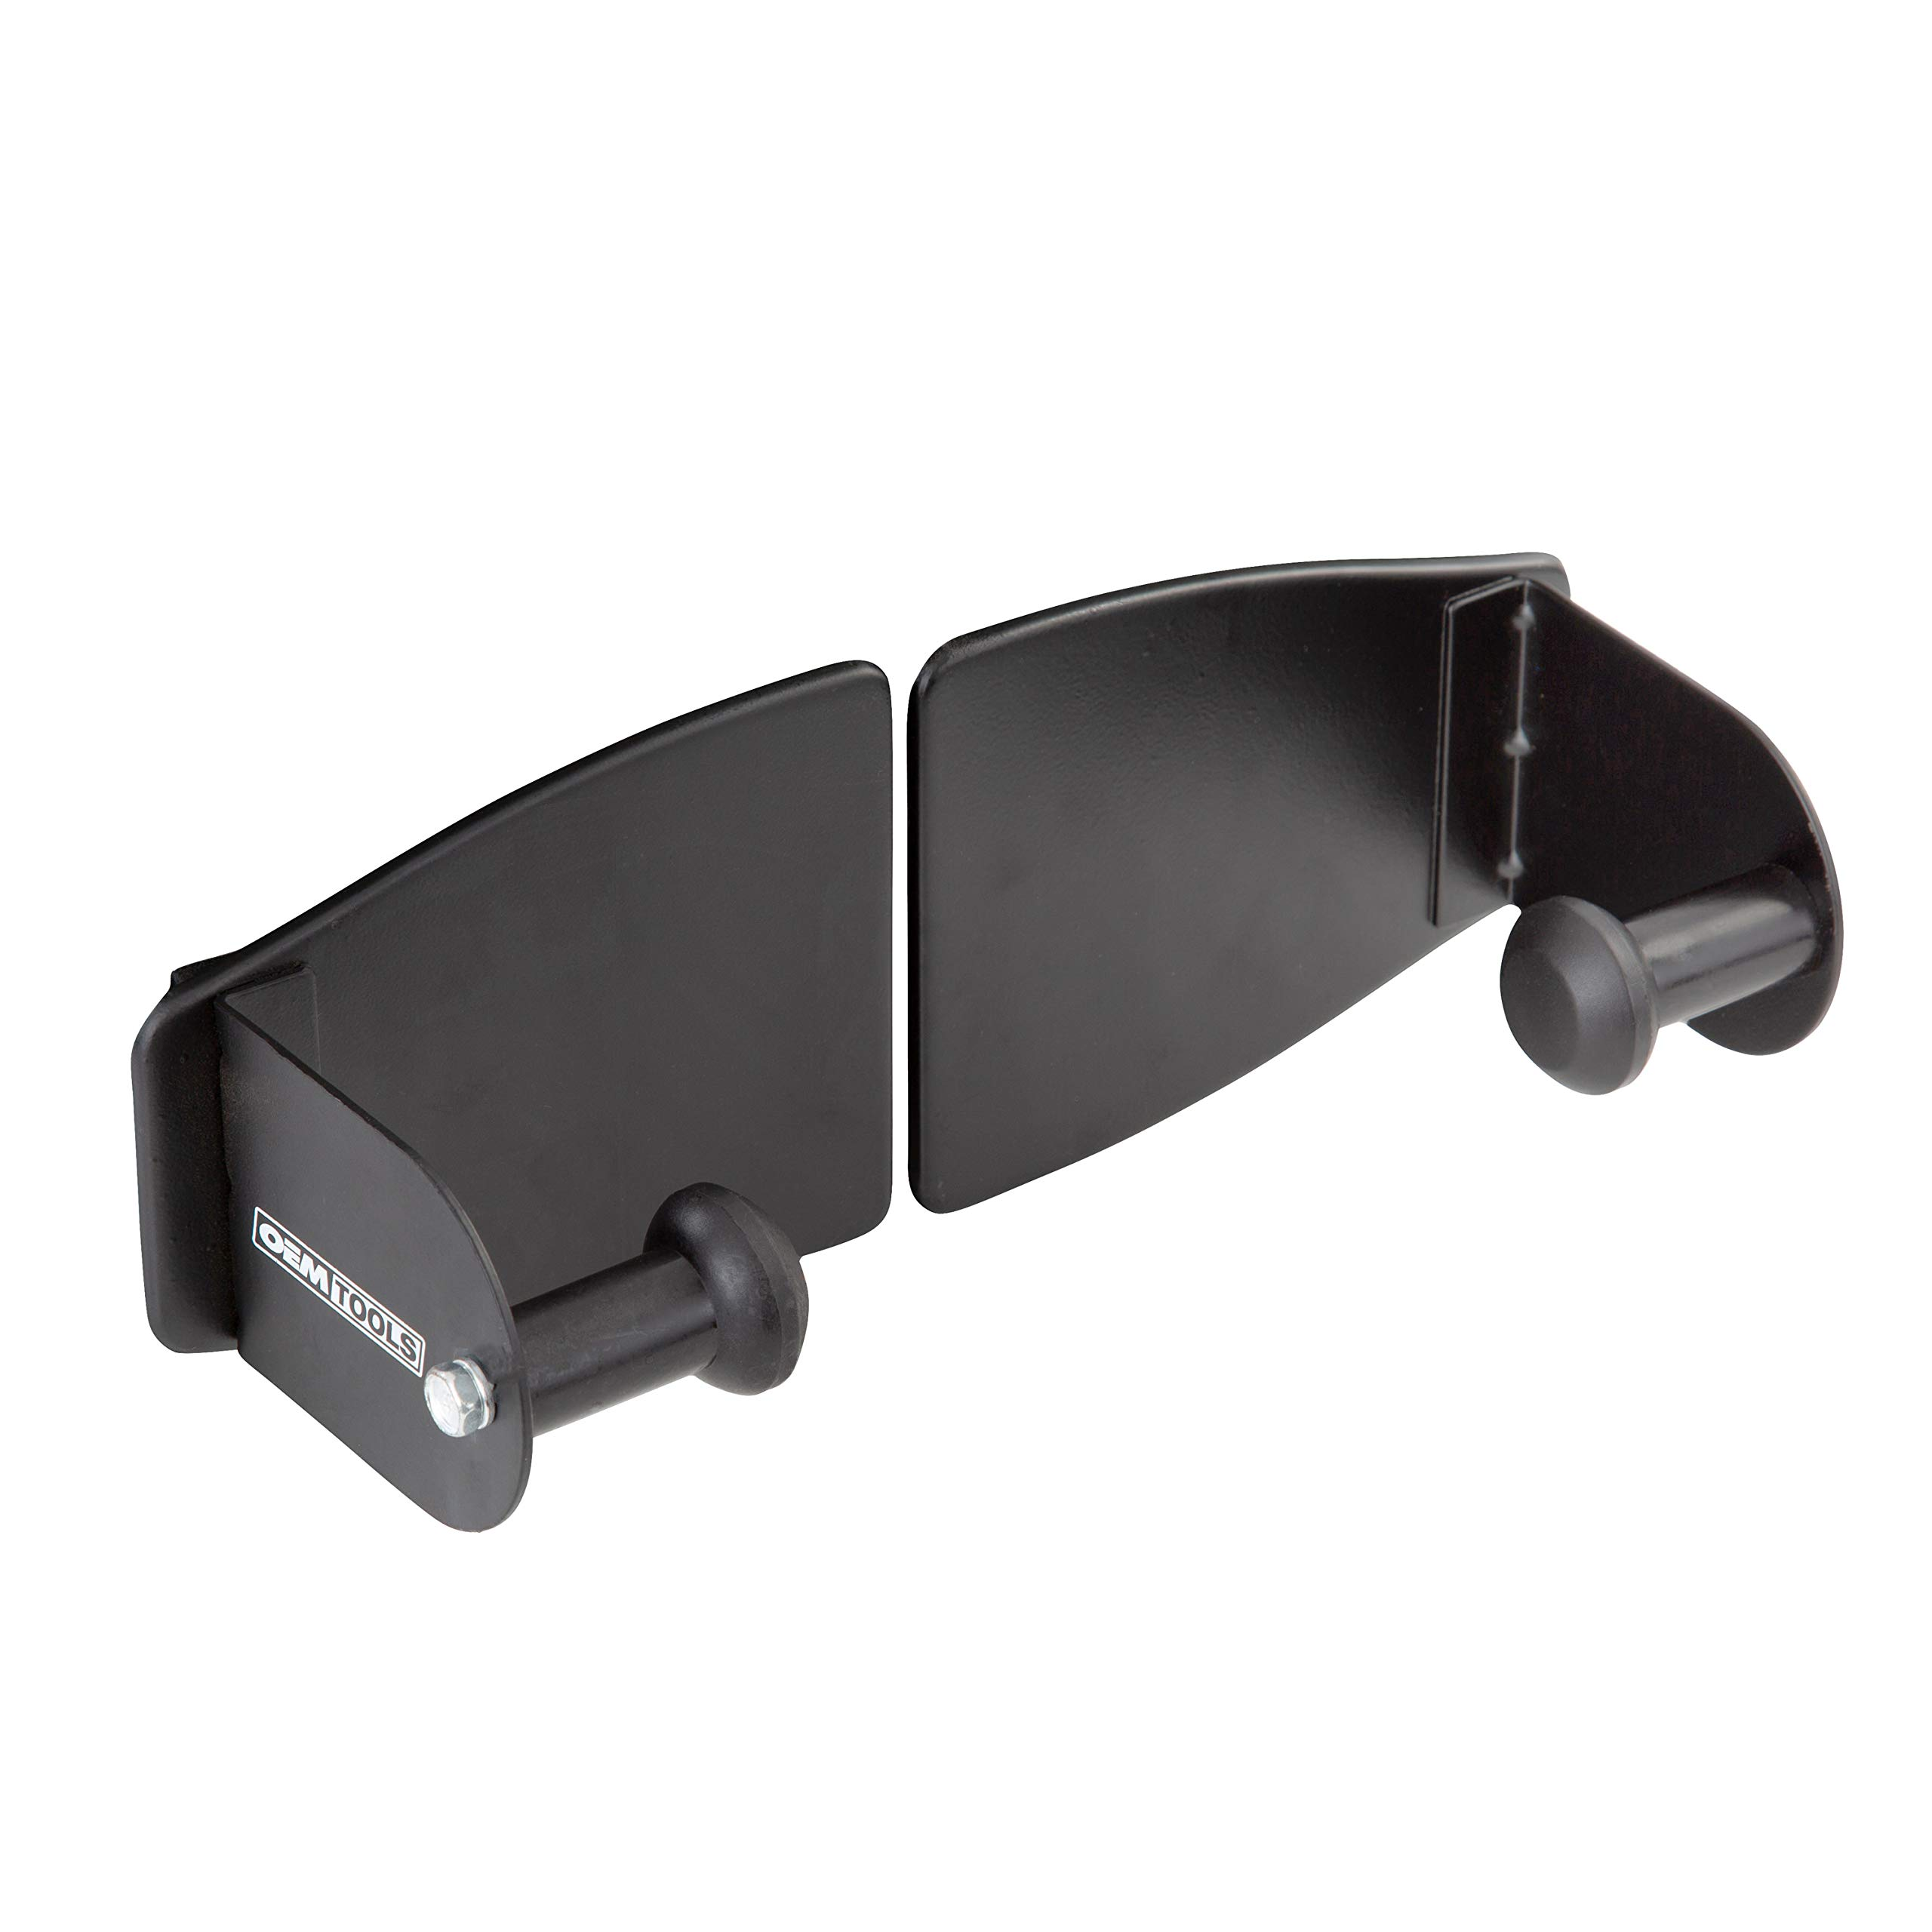 OEMTOOLS 24952 Black Magnetic Paper Towel Holder